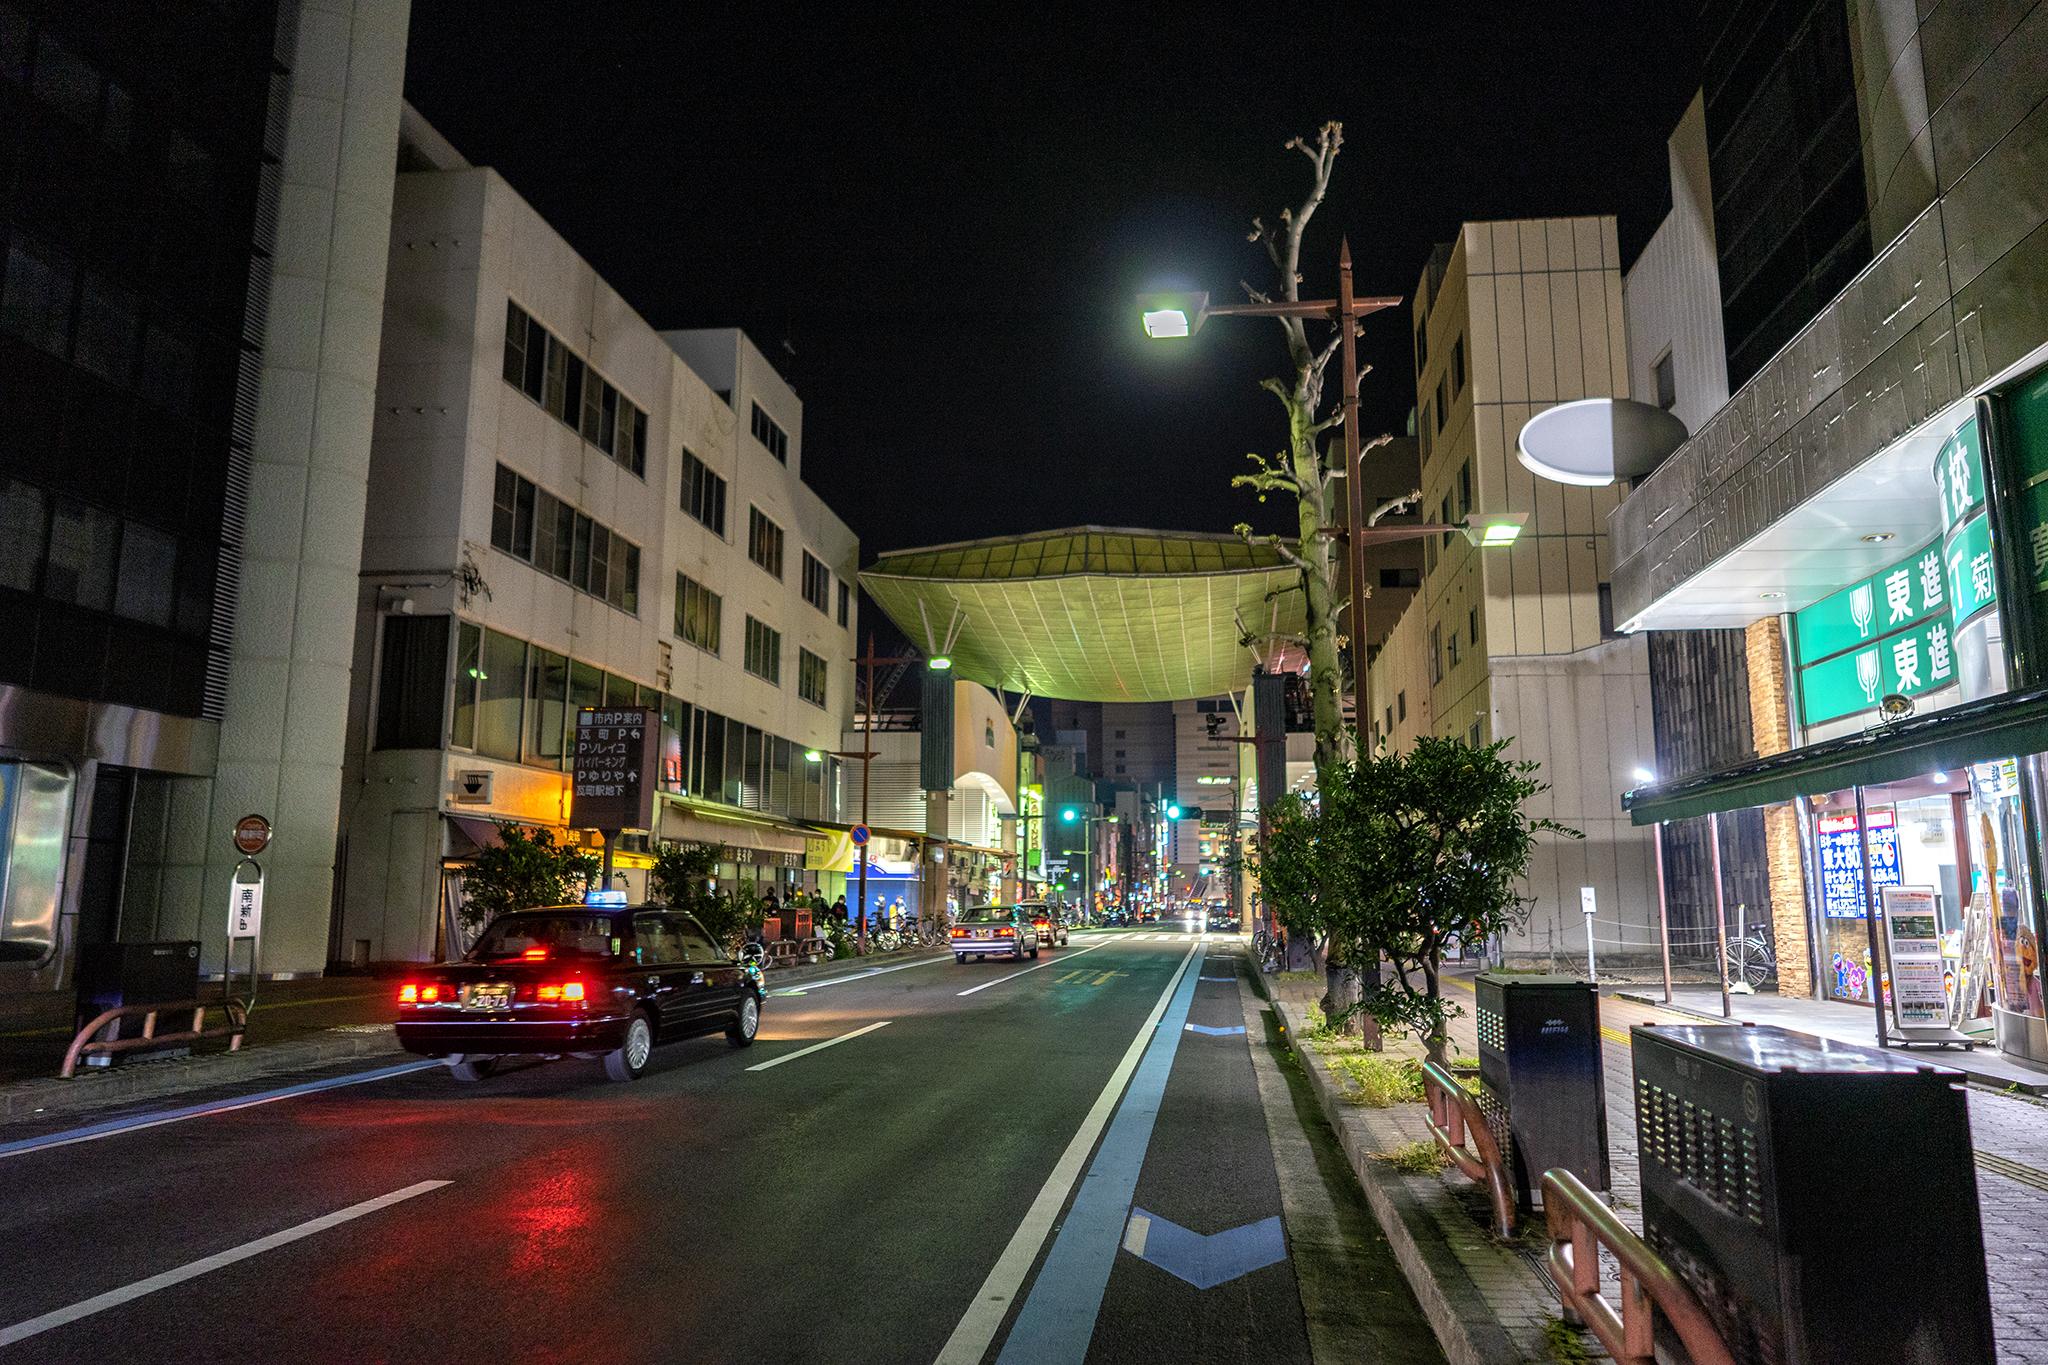 単焦点25mmレンズ1本で撮る高松夜景スナップ【ZEISS Batis 2/25】